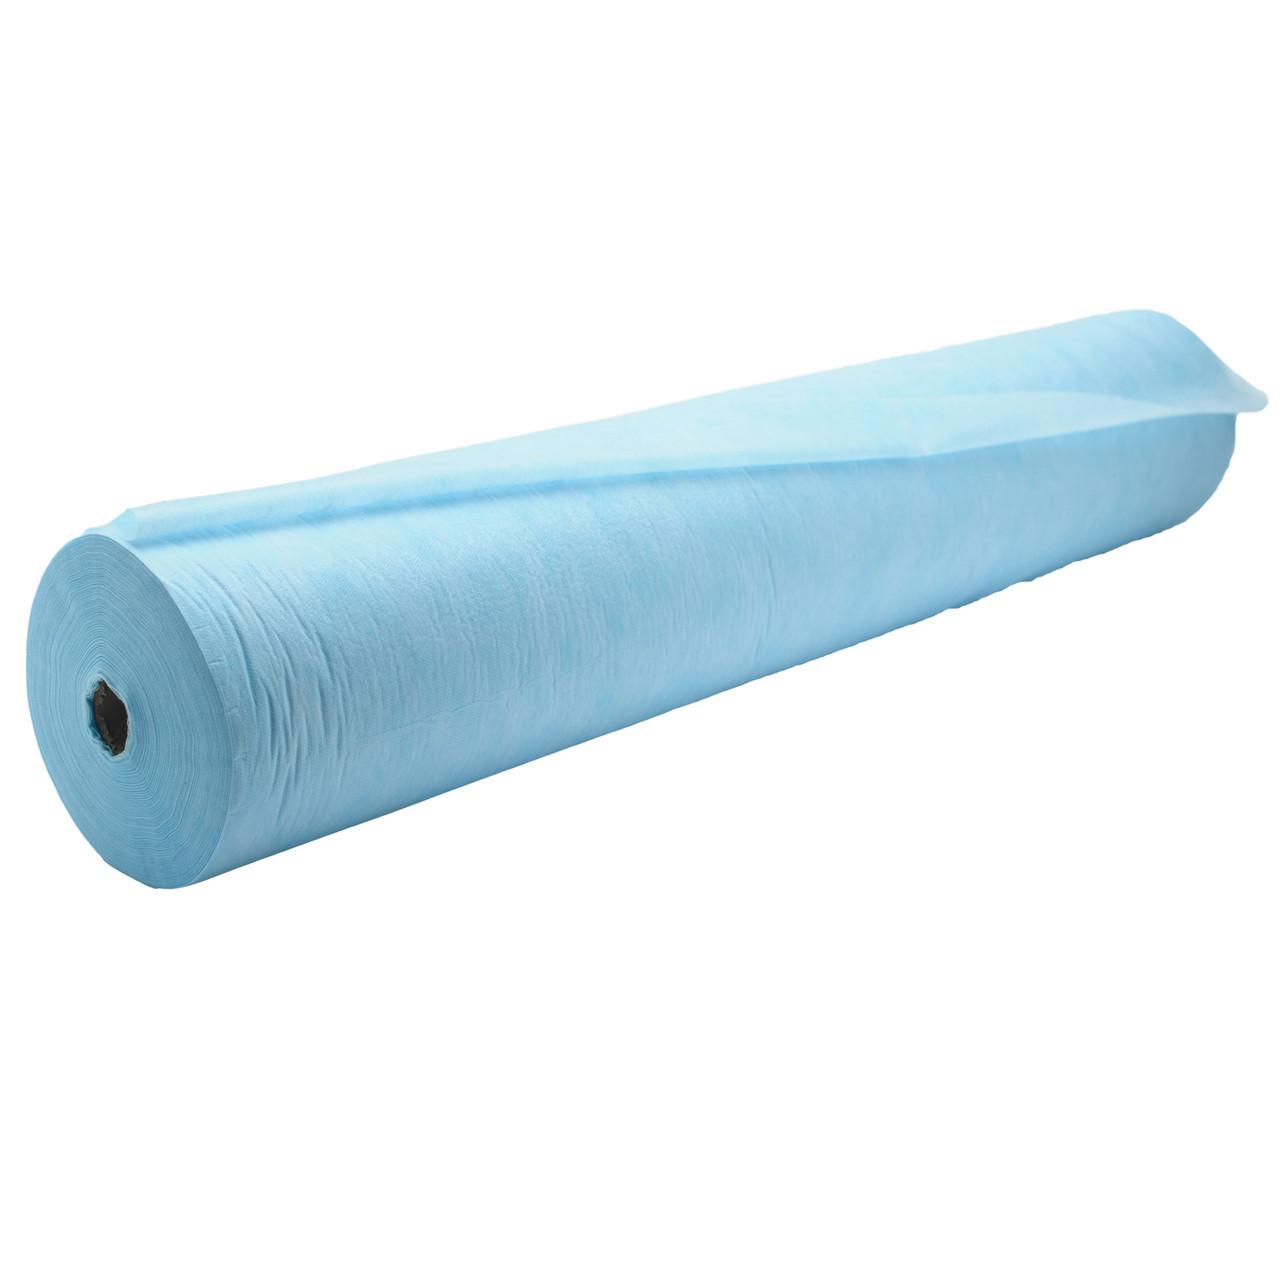 Простынь одноразовая голубая  20г/м2 ширина 800мм